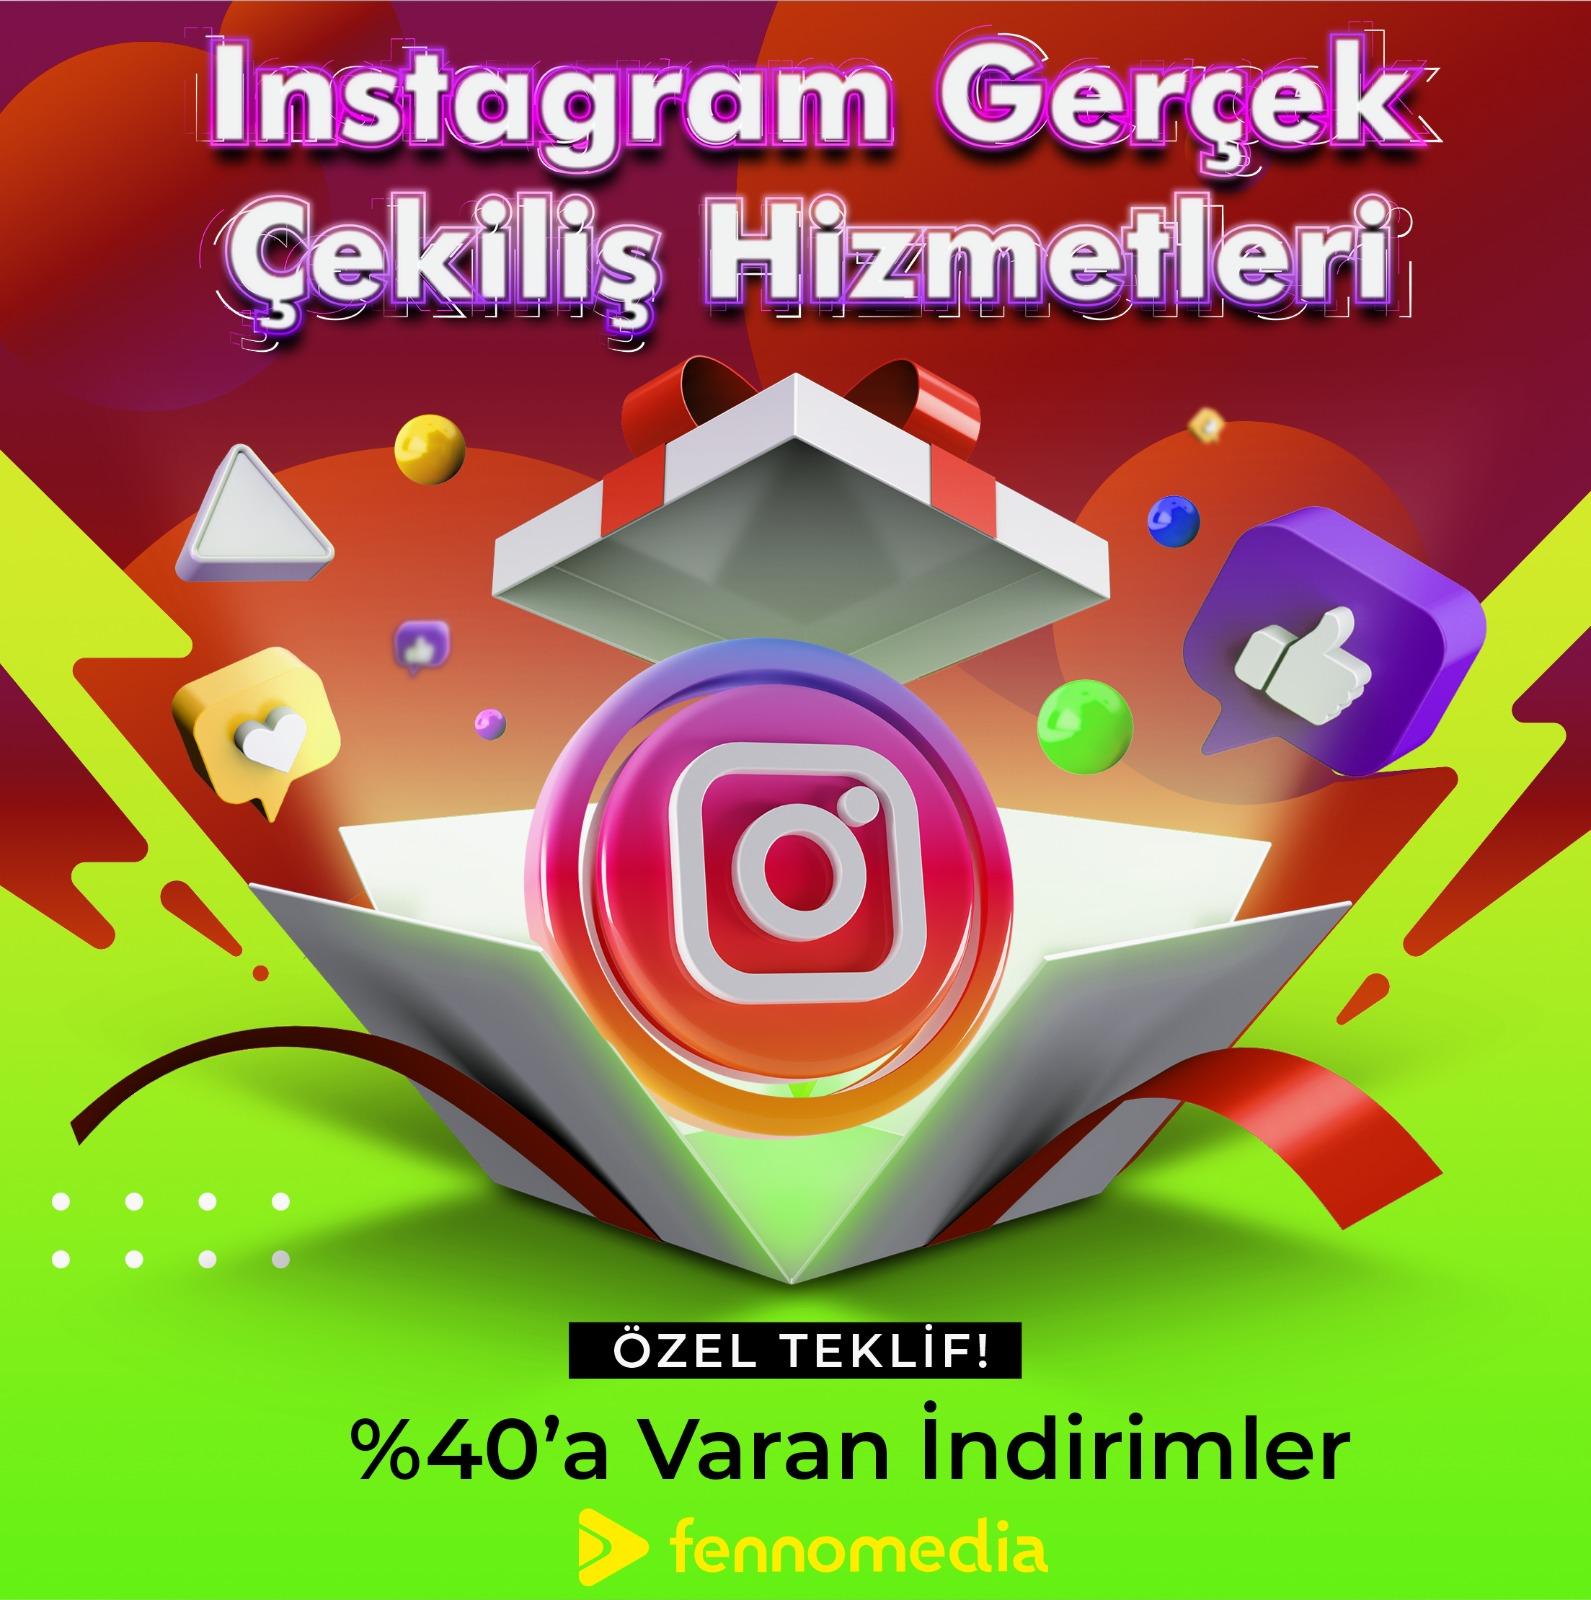 Instagram gerçek çekiliş takipçi